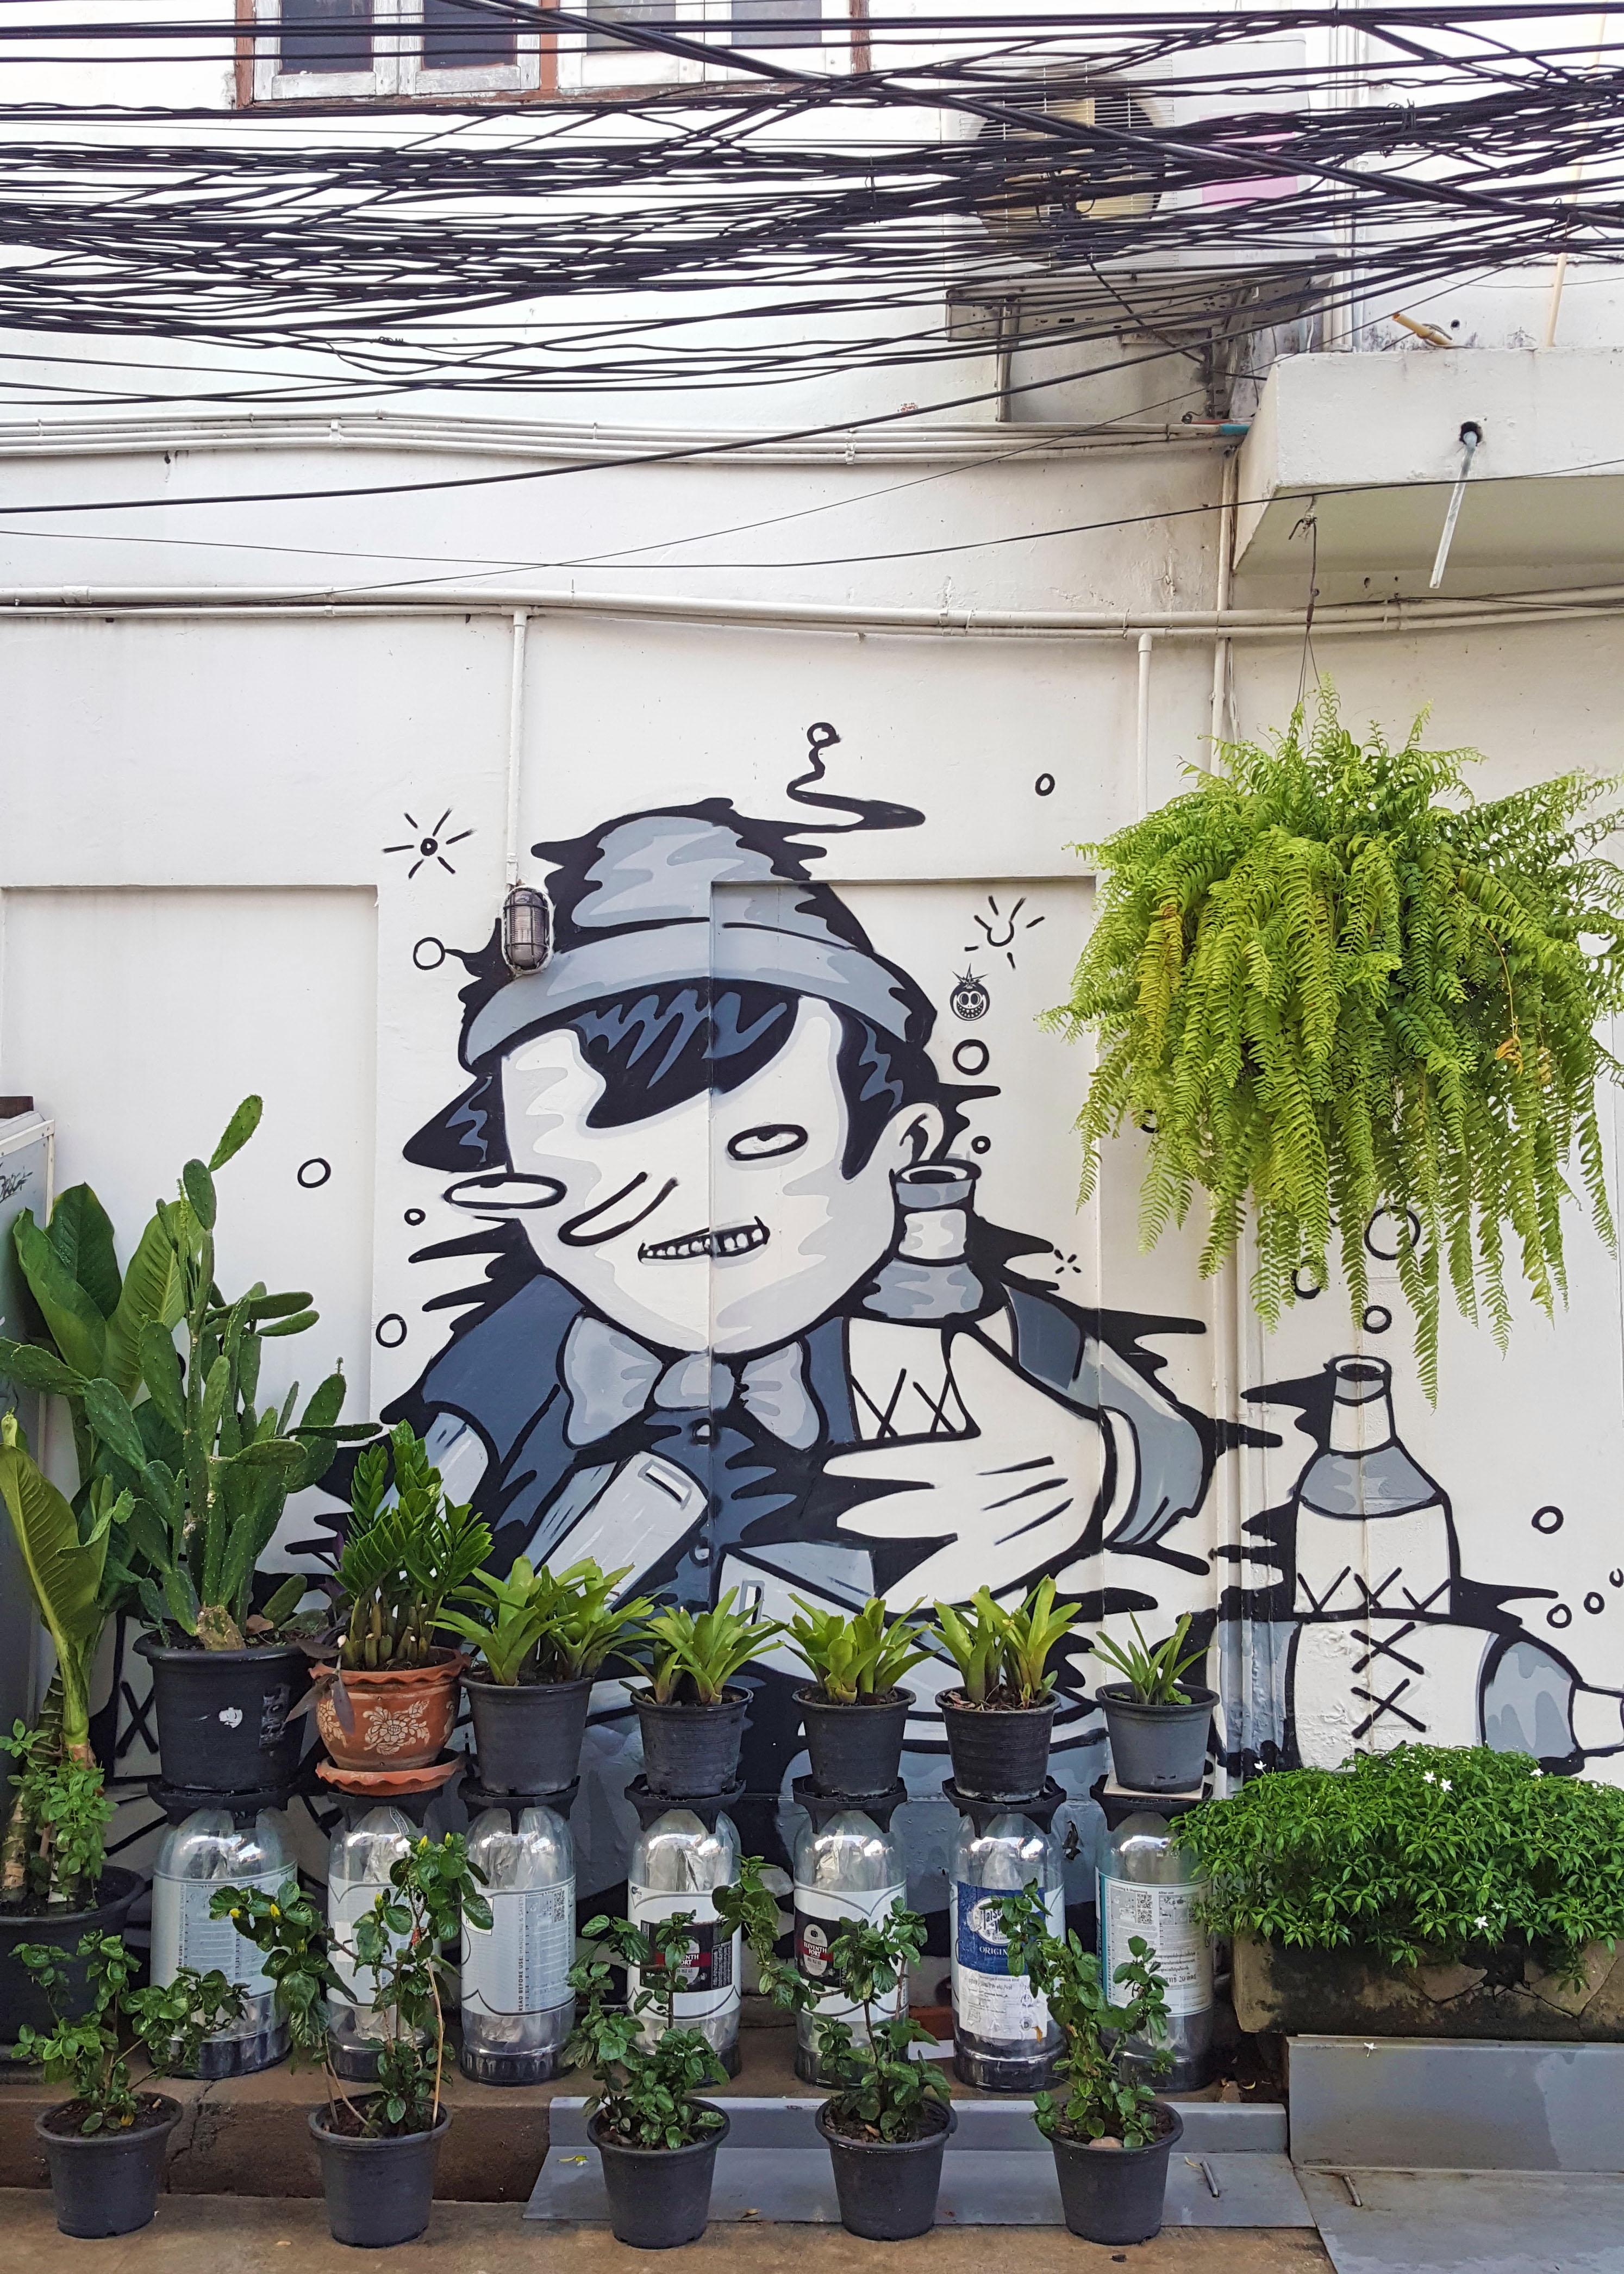 Urban gardening near Ratchathewi, Bangkok